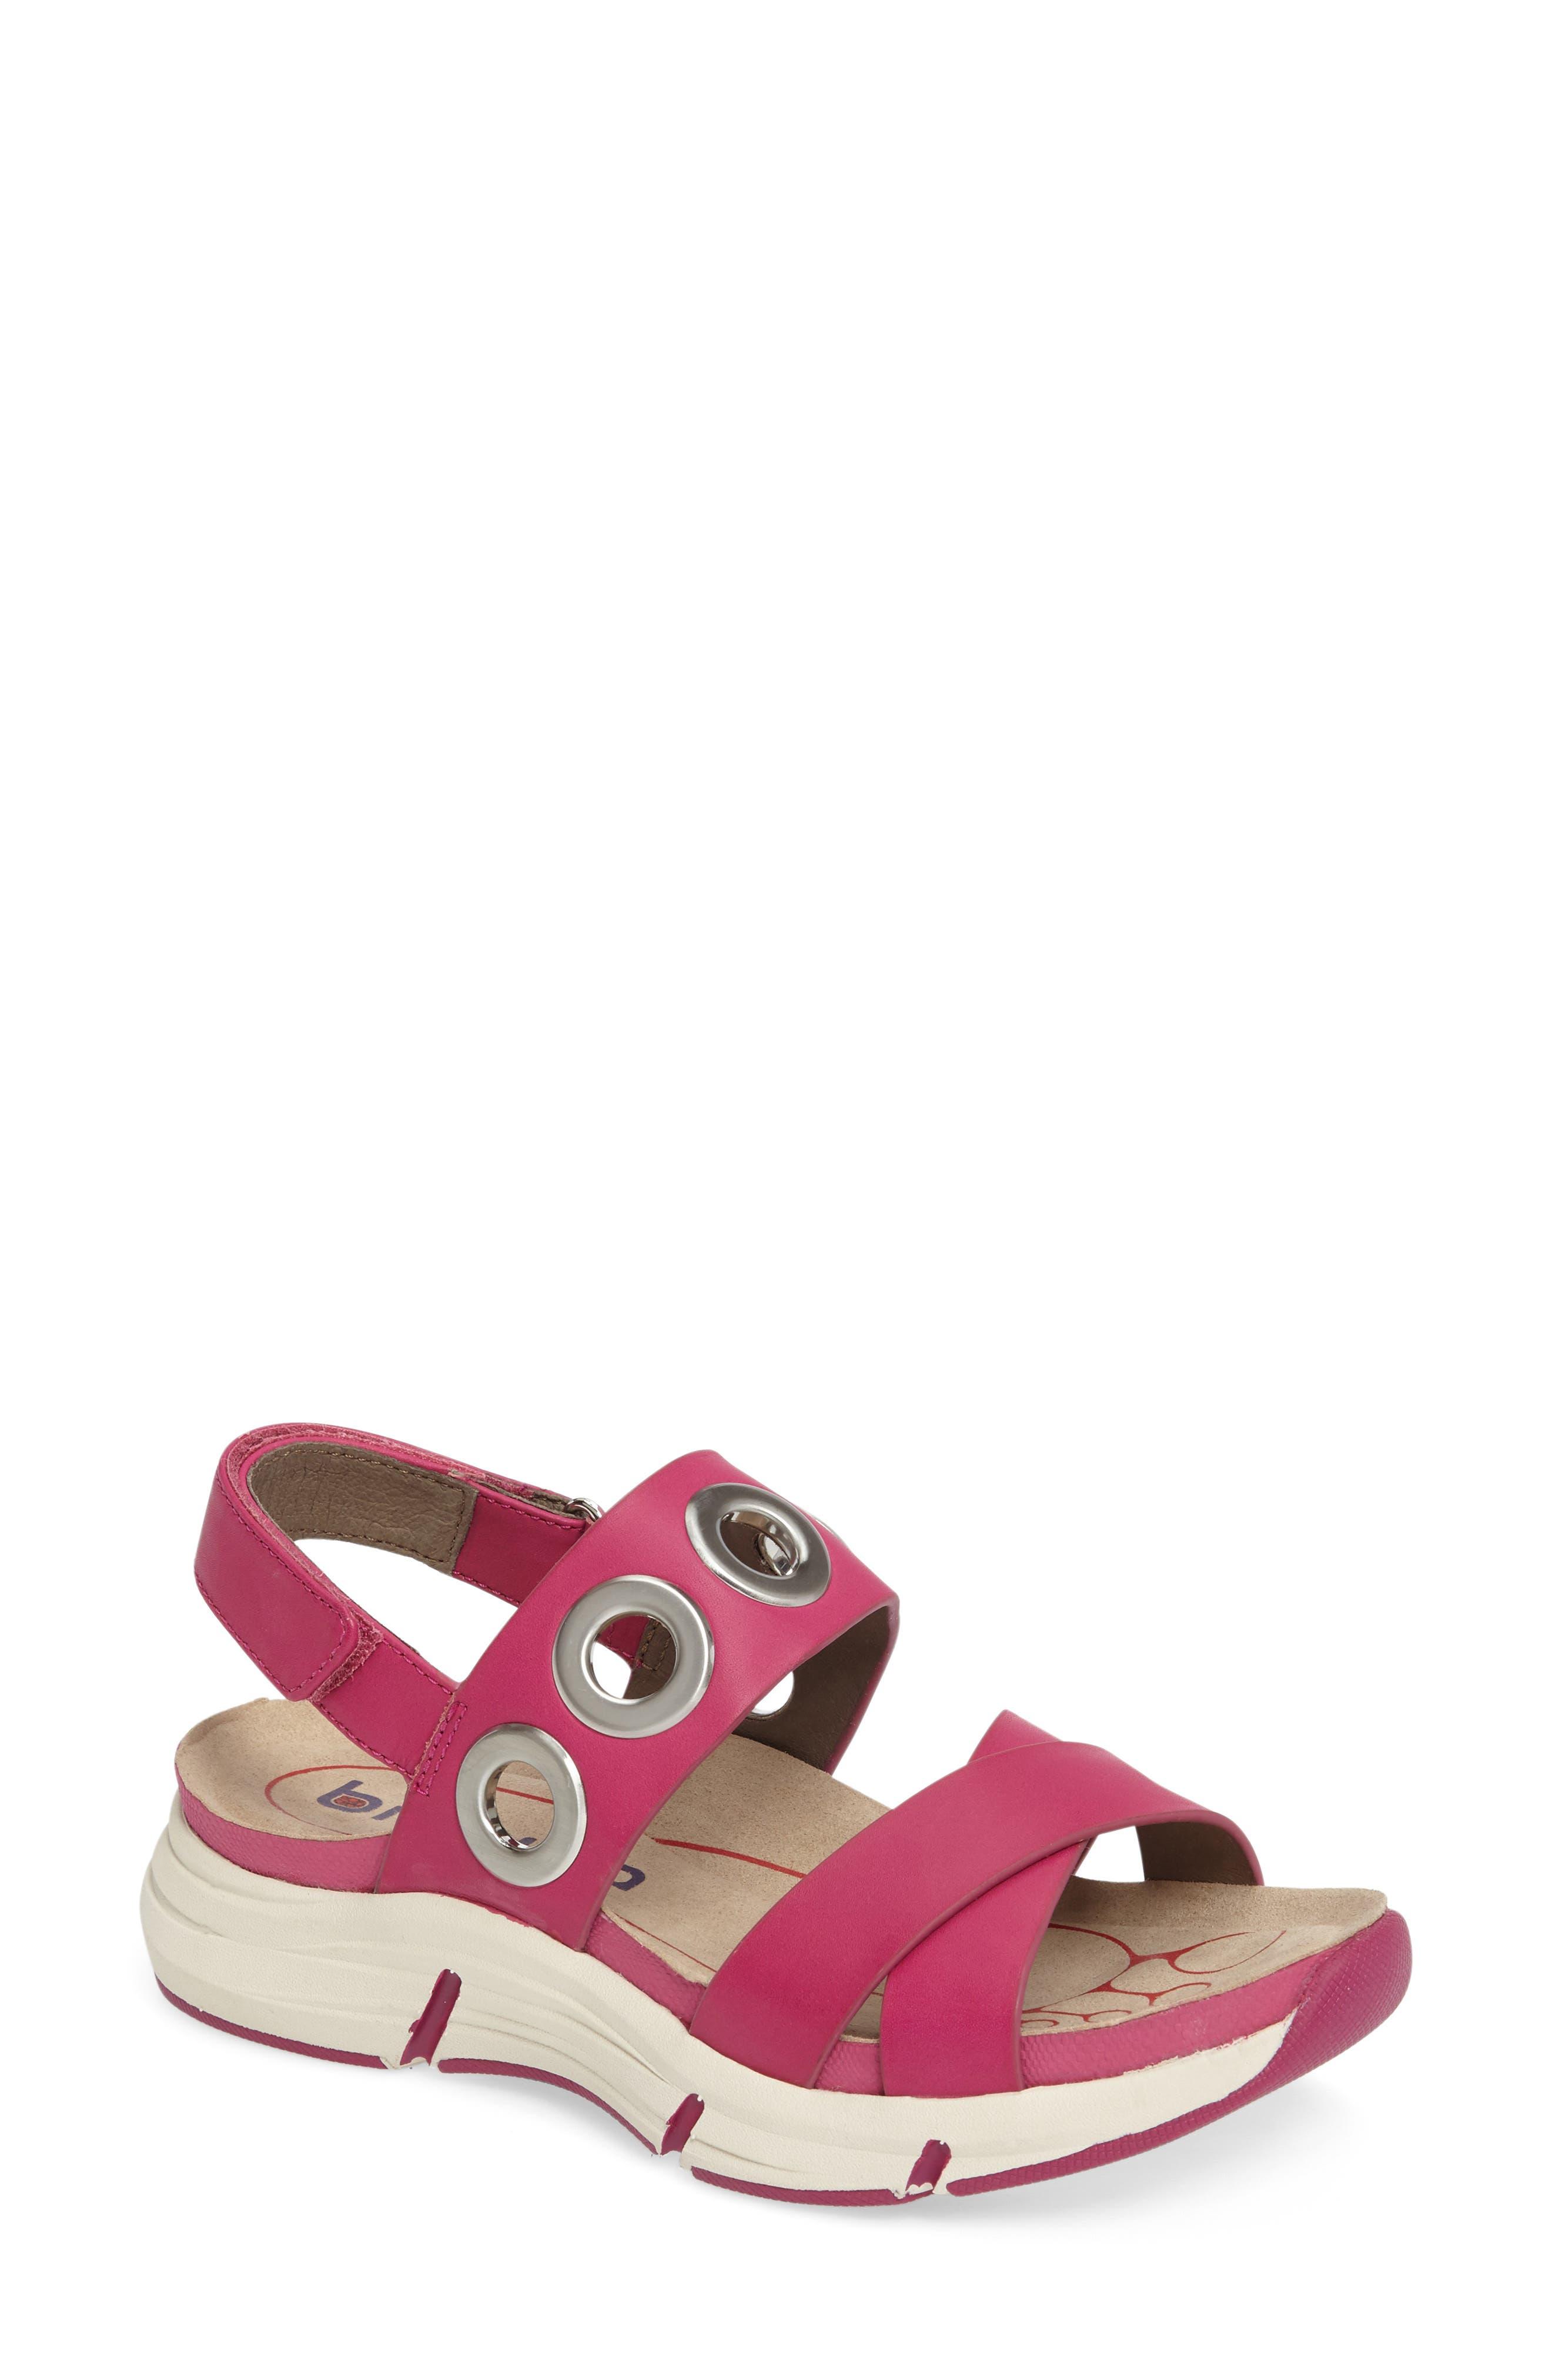 Alternate Image 1 Selected - bionica Olney Sandal (Women)